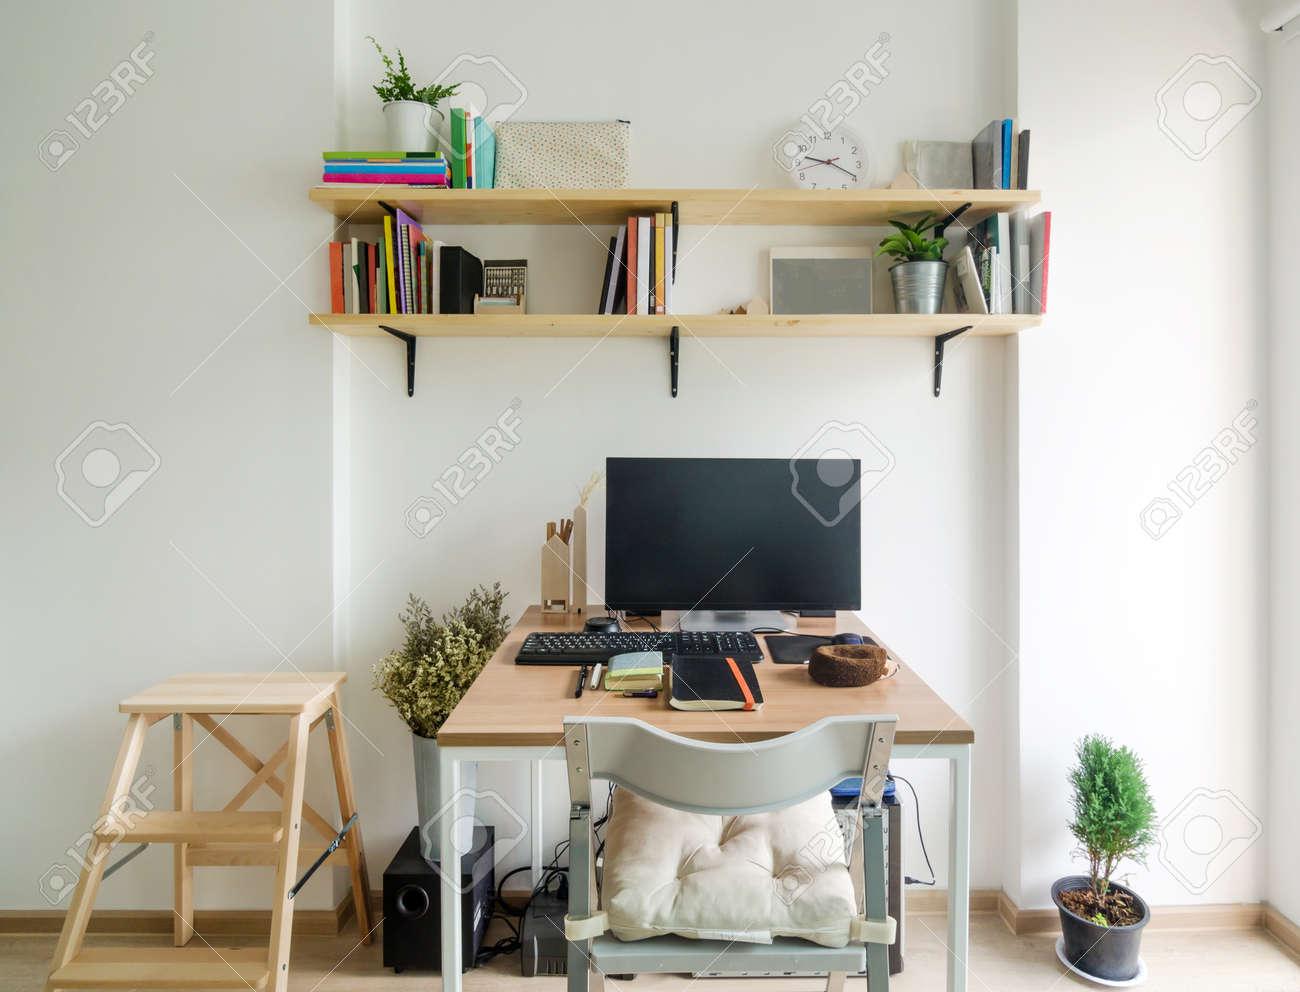 Espace de travail de bureau à la maison étagère en bois avec mur